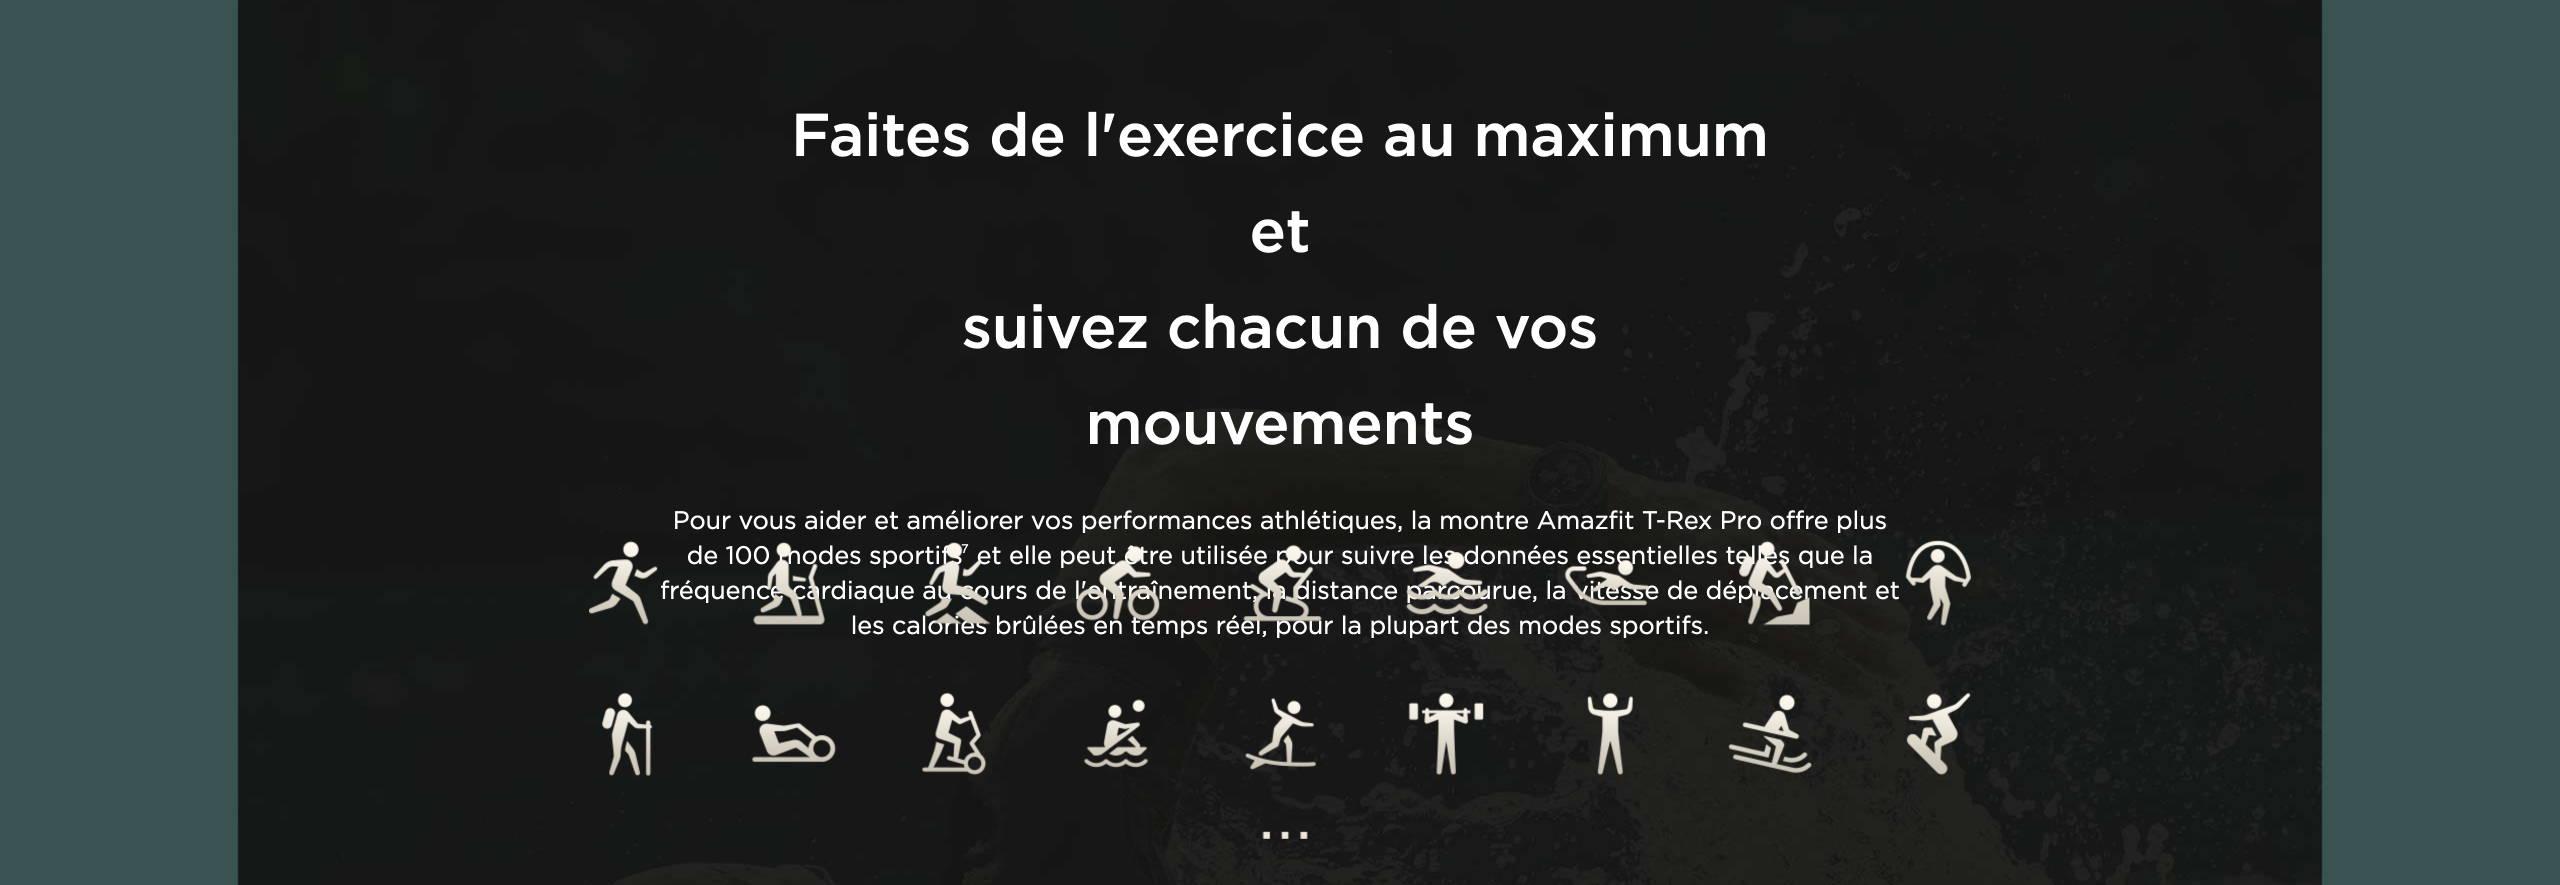 Amazfit T-Rex Pro - Faites de l'exercice au maximum et suivez chacun de vos mouvements.